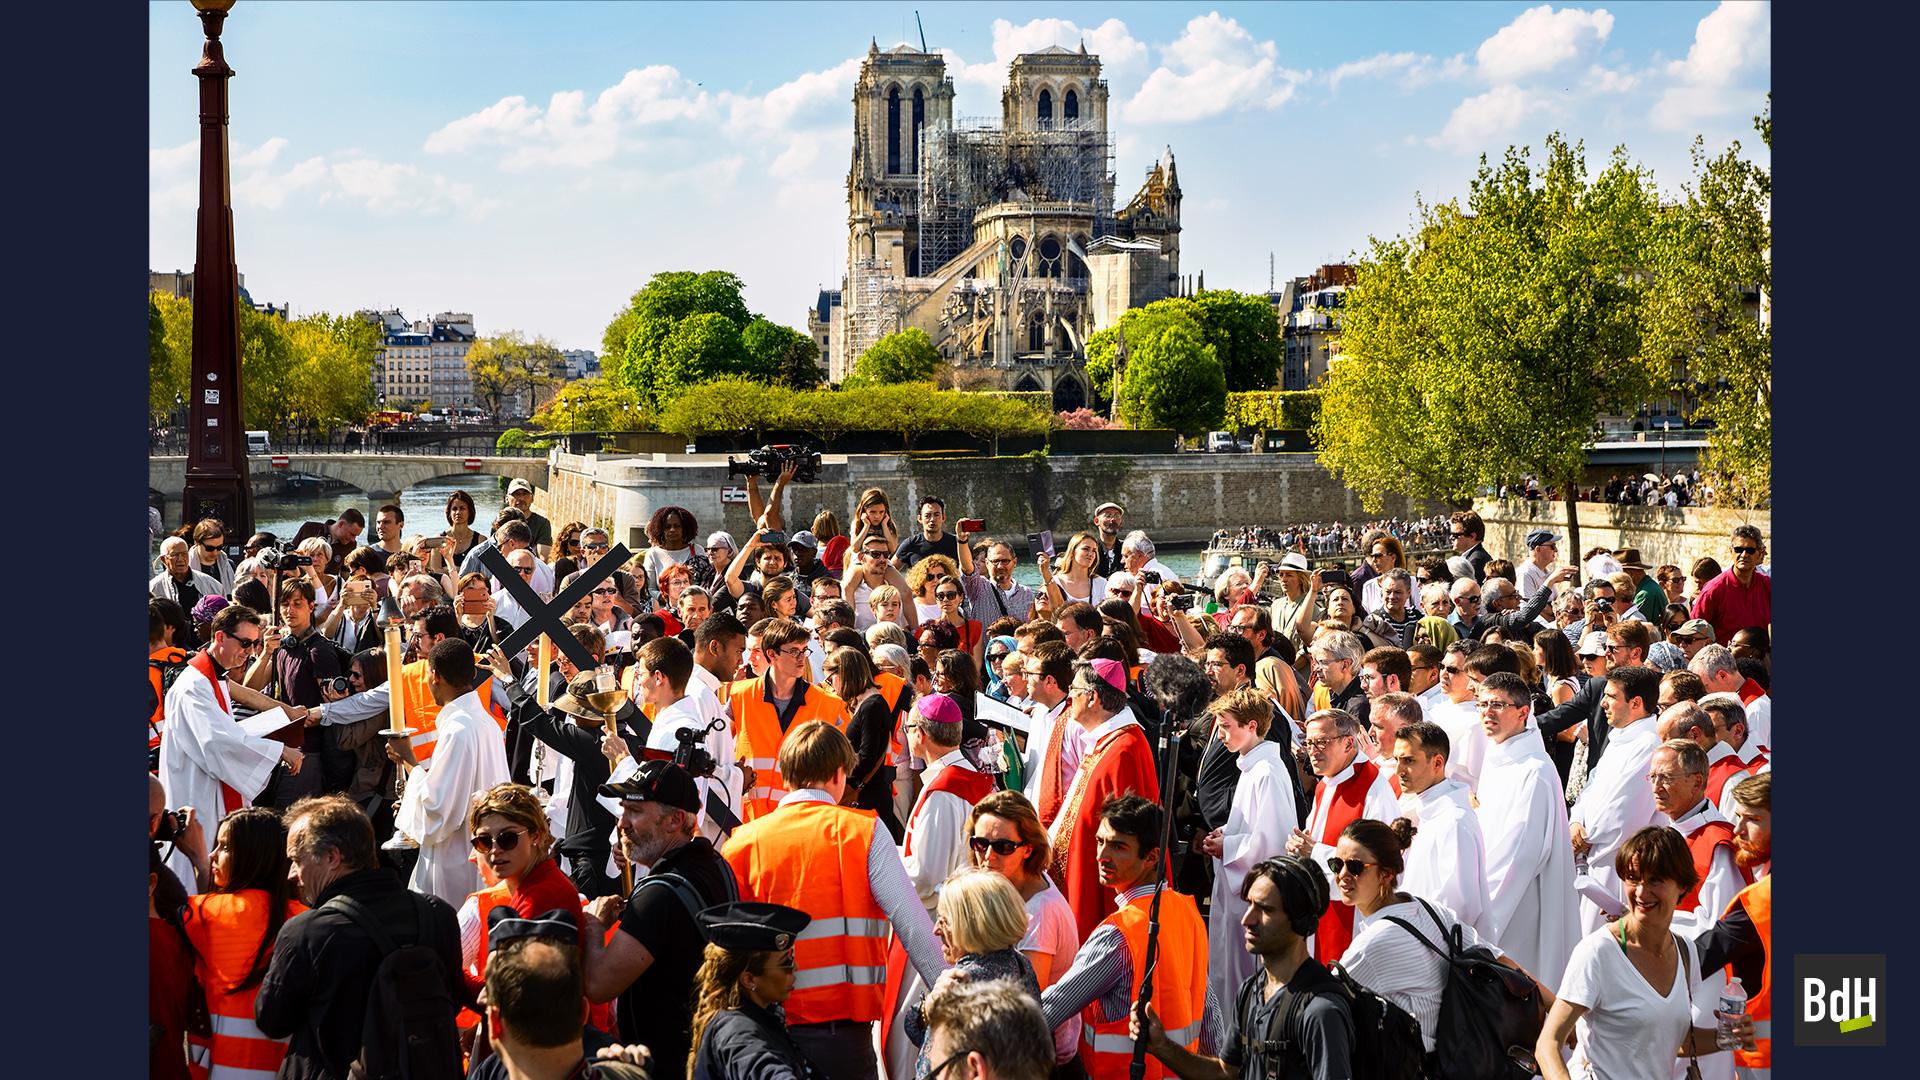 xChemin de croix de la procession du vendredi saint célébré par l'archevêque de Paris Mgr Michel Aupetit sur les quais de l'Île Saint-Louis, le 19 Avril 2019 à Paris, France.